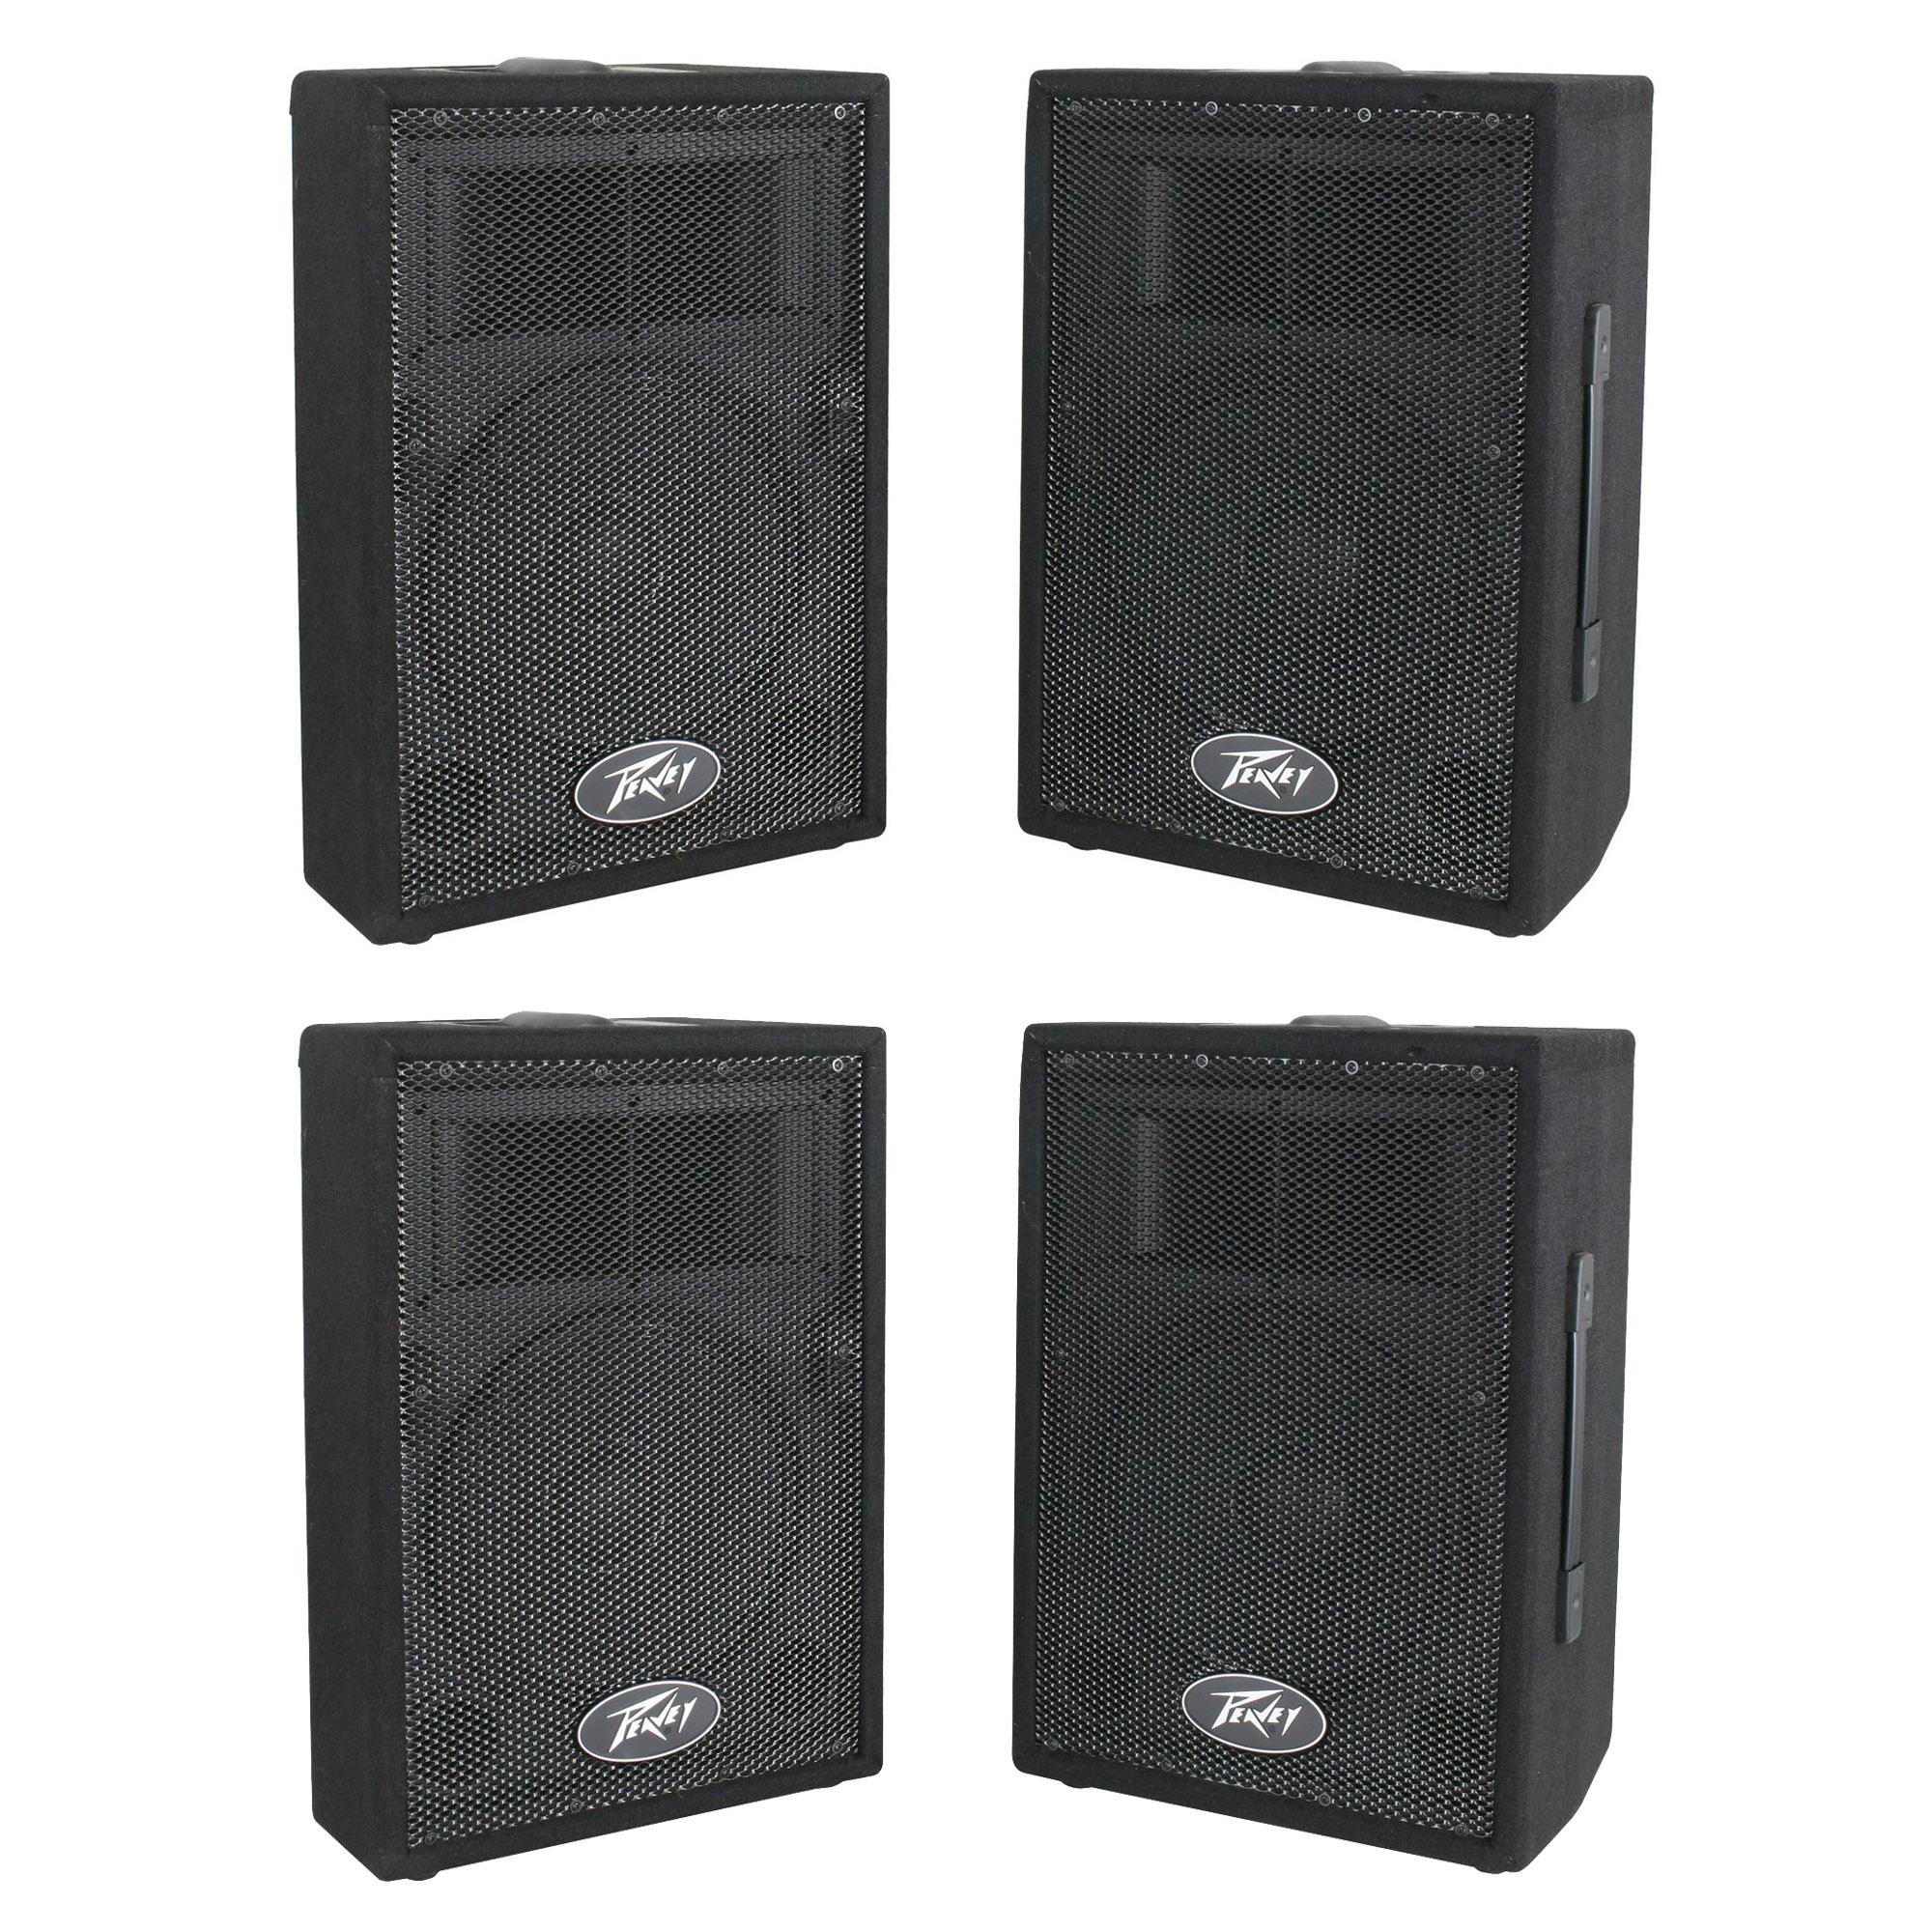 Peavey dj 2 way 100 watt pa speaker system with 10 for Woofer speaker system